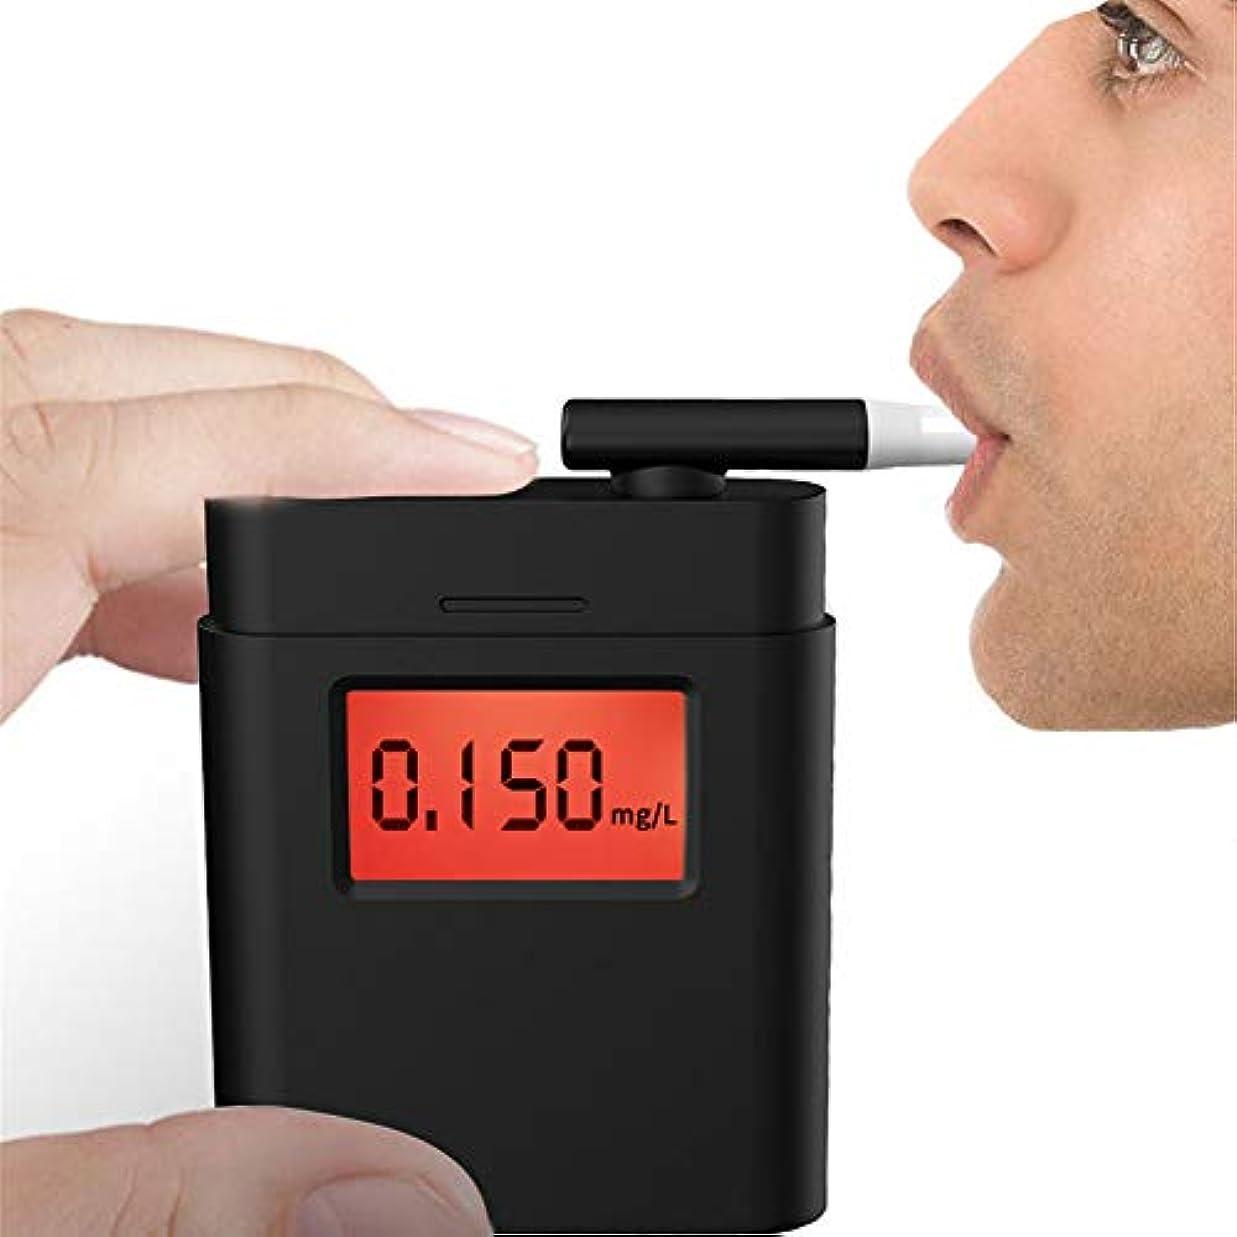 店員ヒギンズ石膏アルコールテスタープロフェッショナルグレード精度ポータブル呼気アルコールテスター液晶ディスプレイオーディオ警告バンド5ノズル